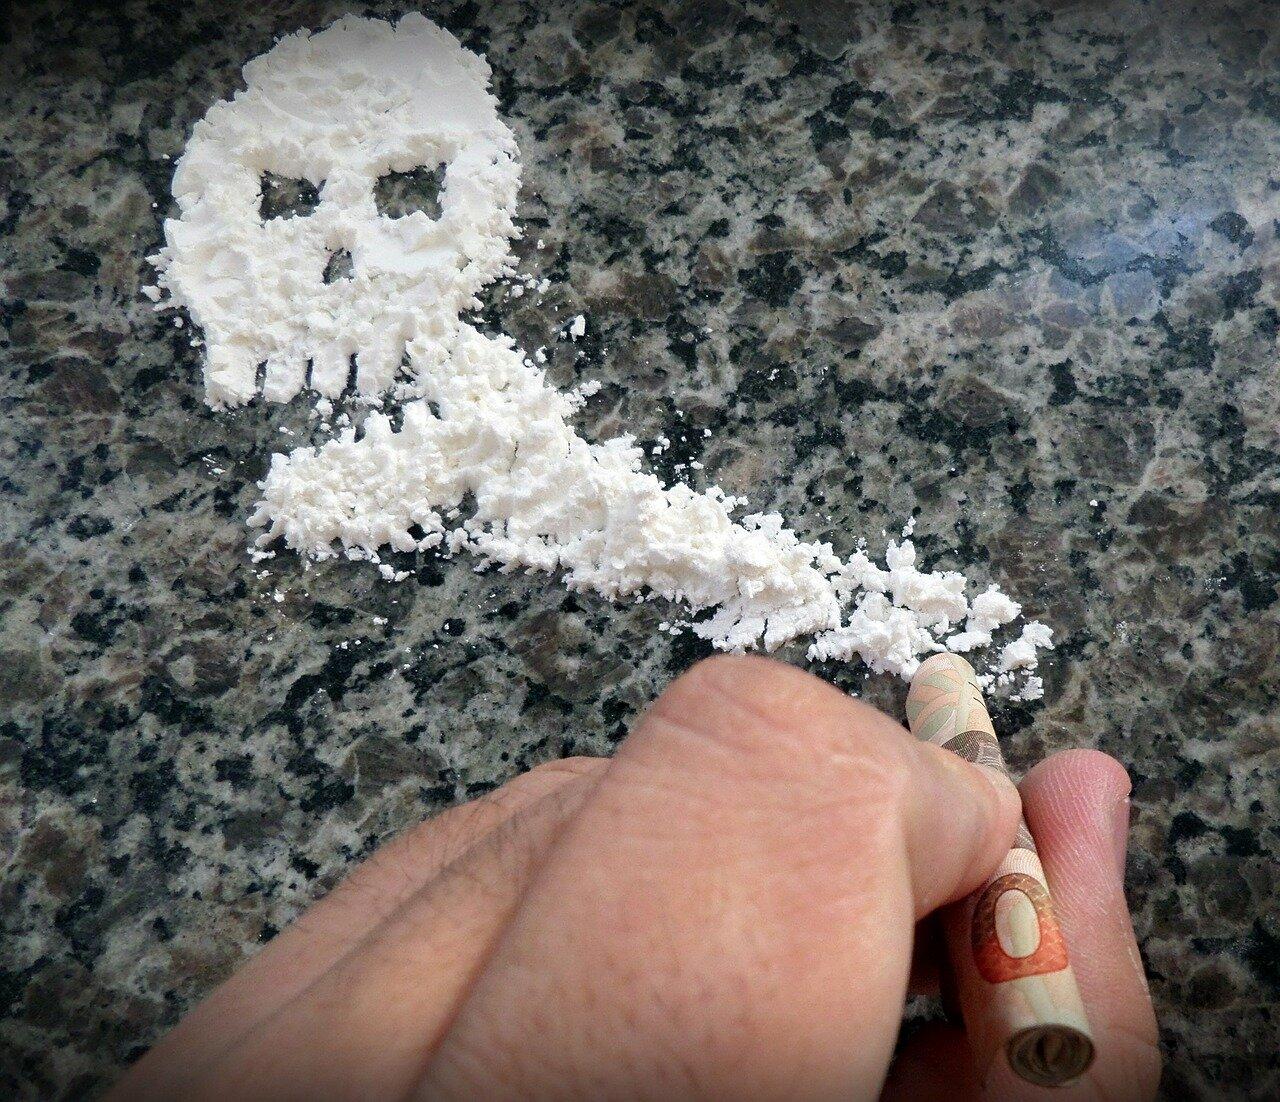 na zdjęciu widac biały proszek tworzacy kształt trupiej czaszki, zboku widać ręke człowieka ze zwniętym banknotem